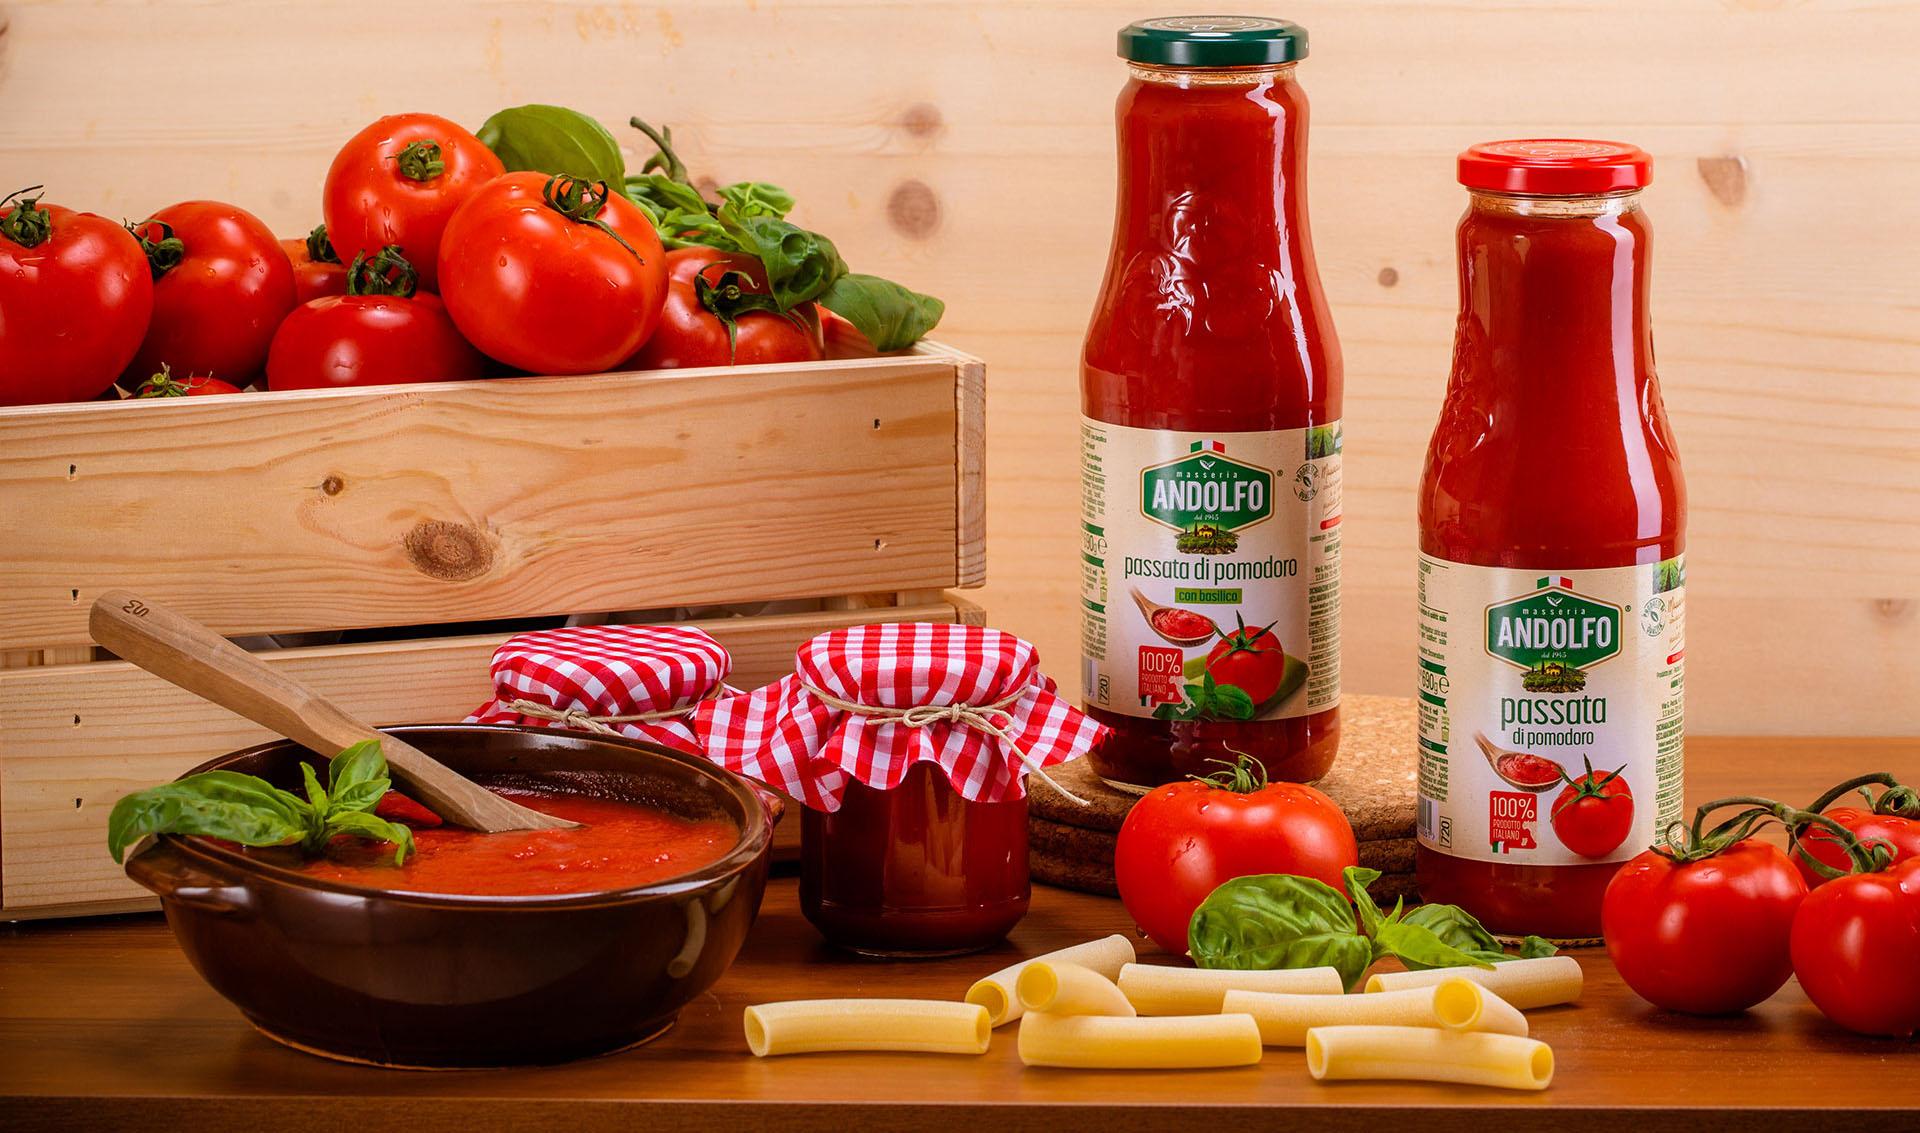 Masseria Andolfo - Passata di pomodoro con e senza basilico